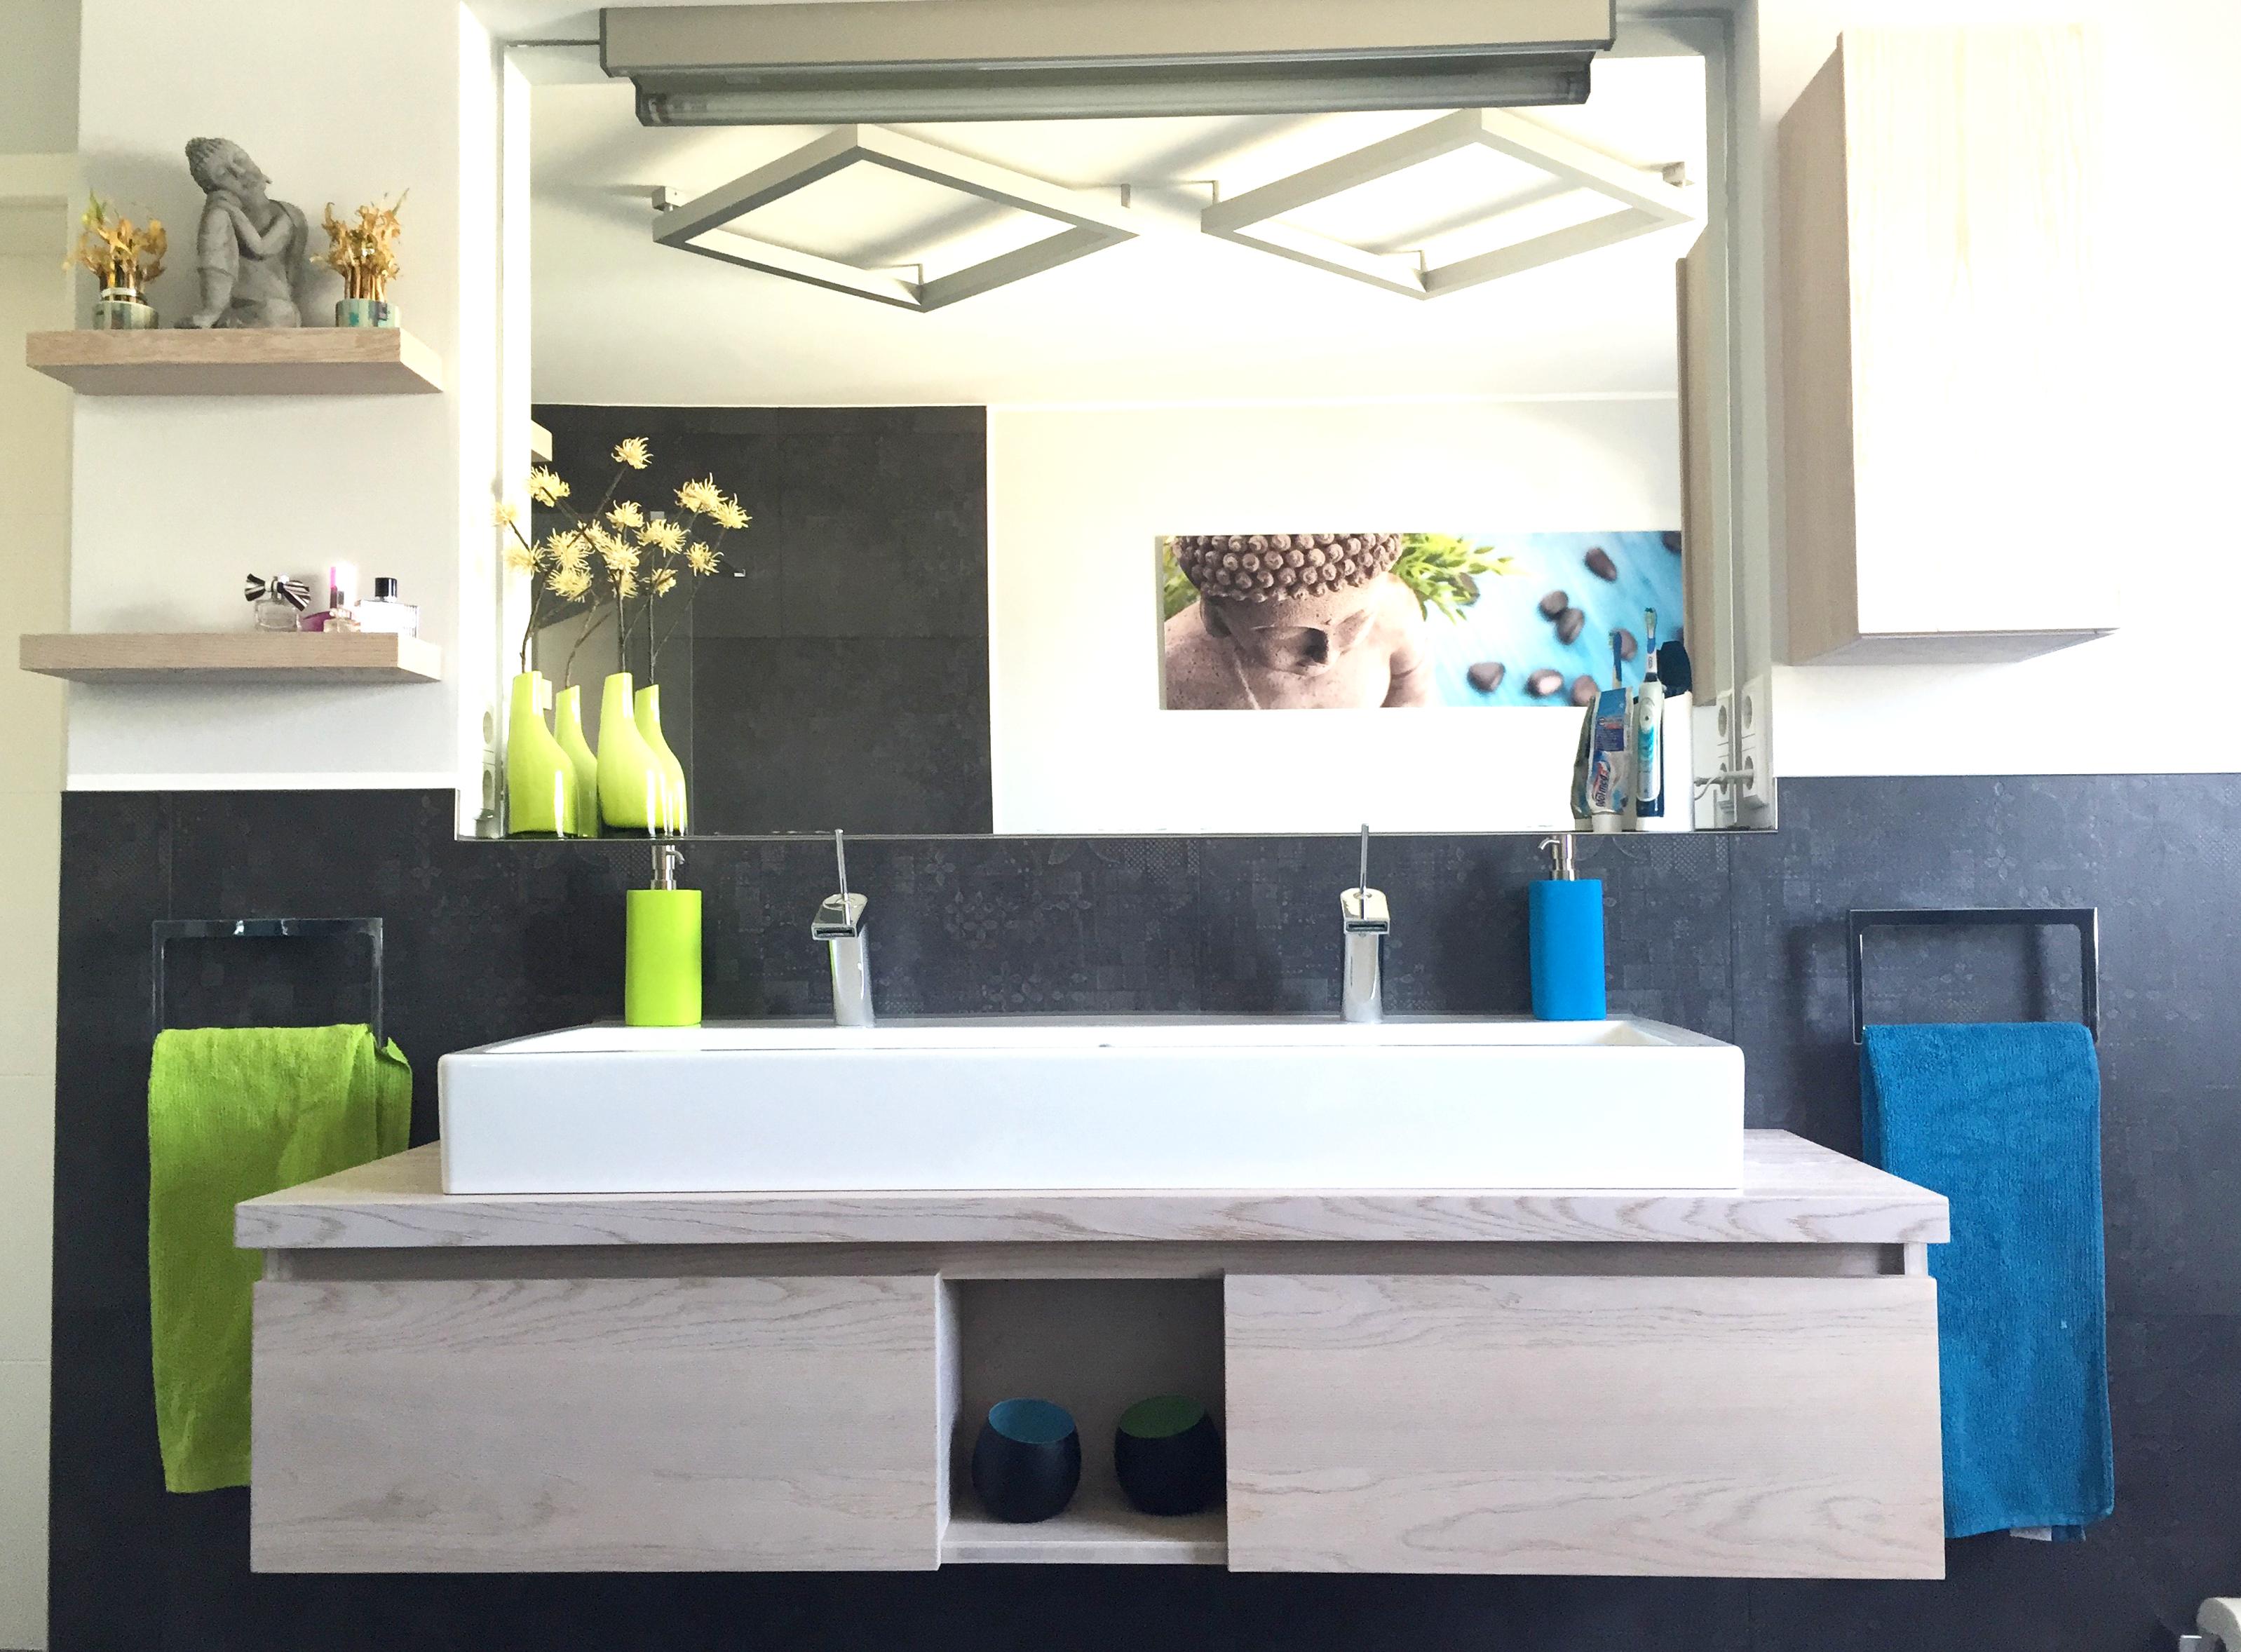 Moderner Waschtisch im Bad und Gäste-WC